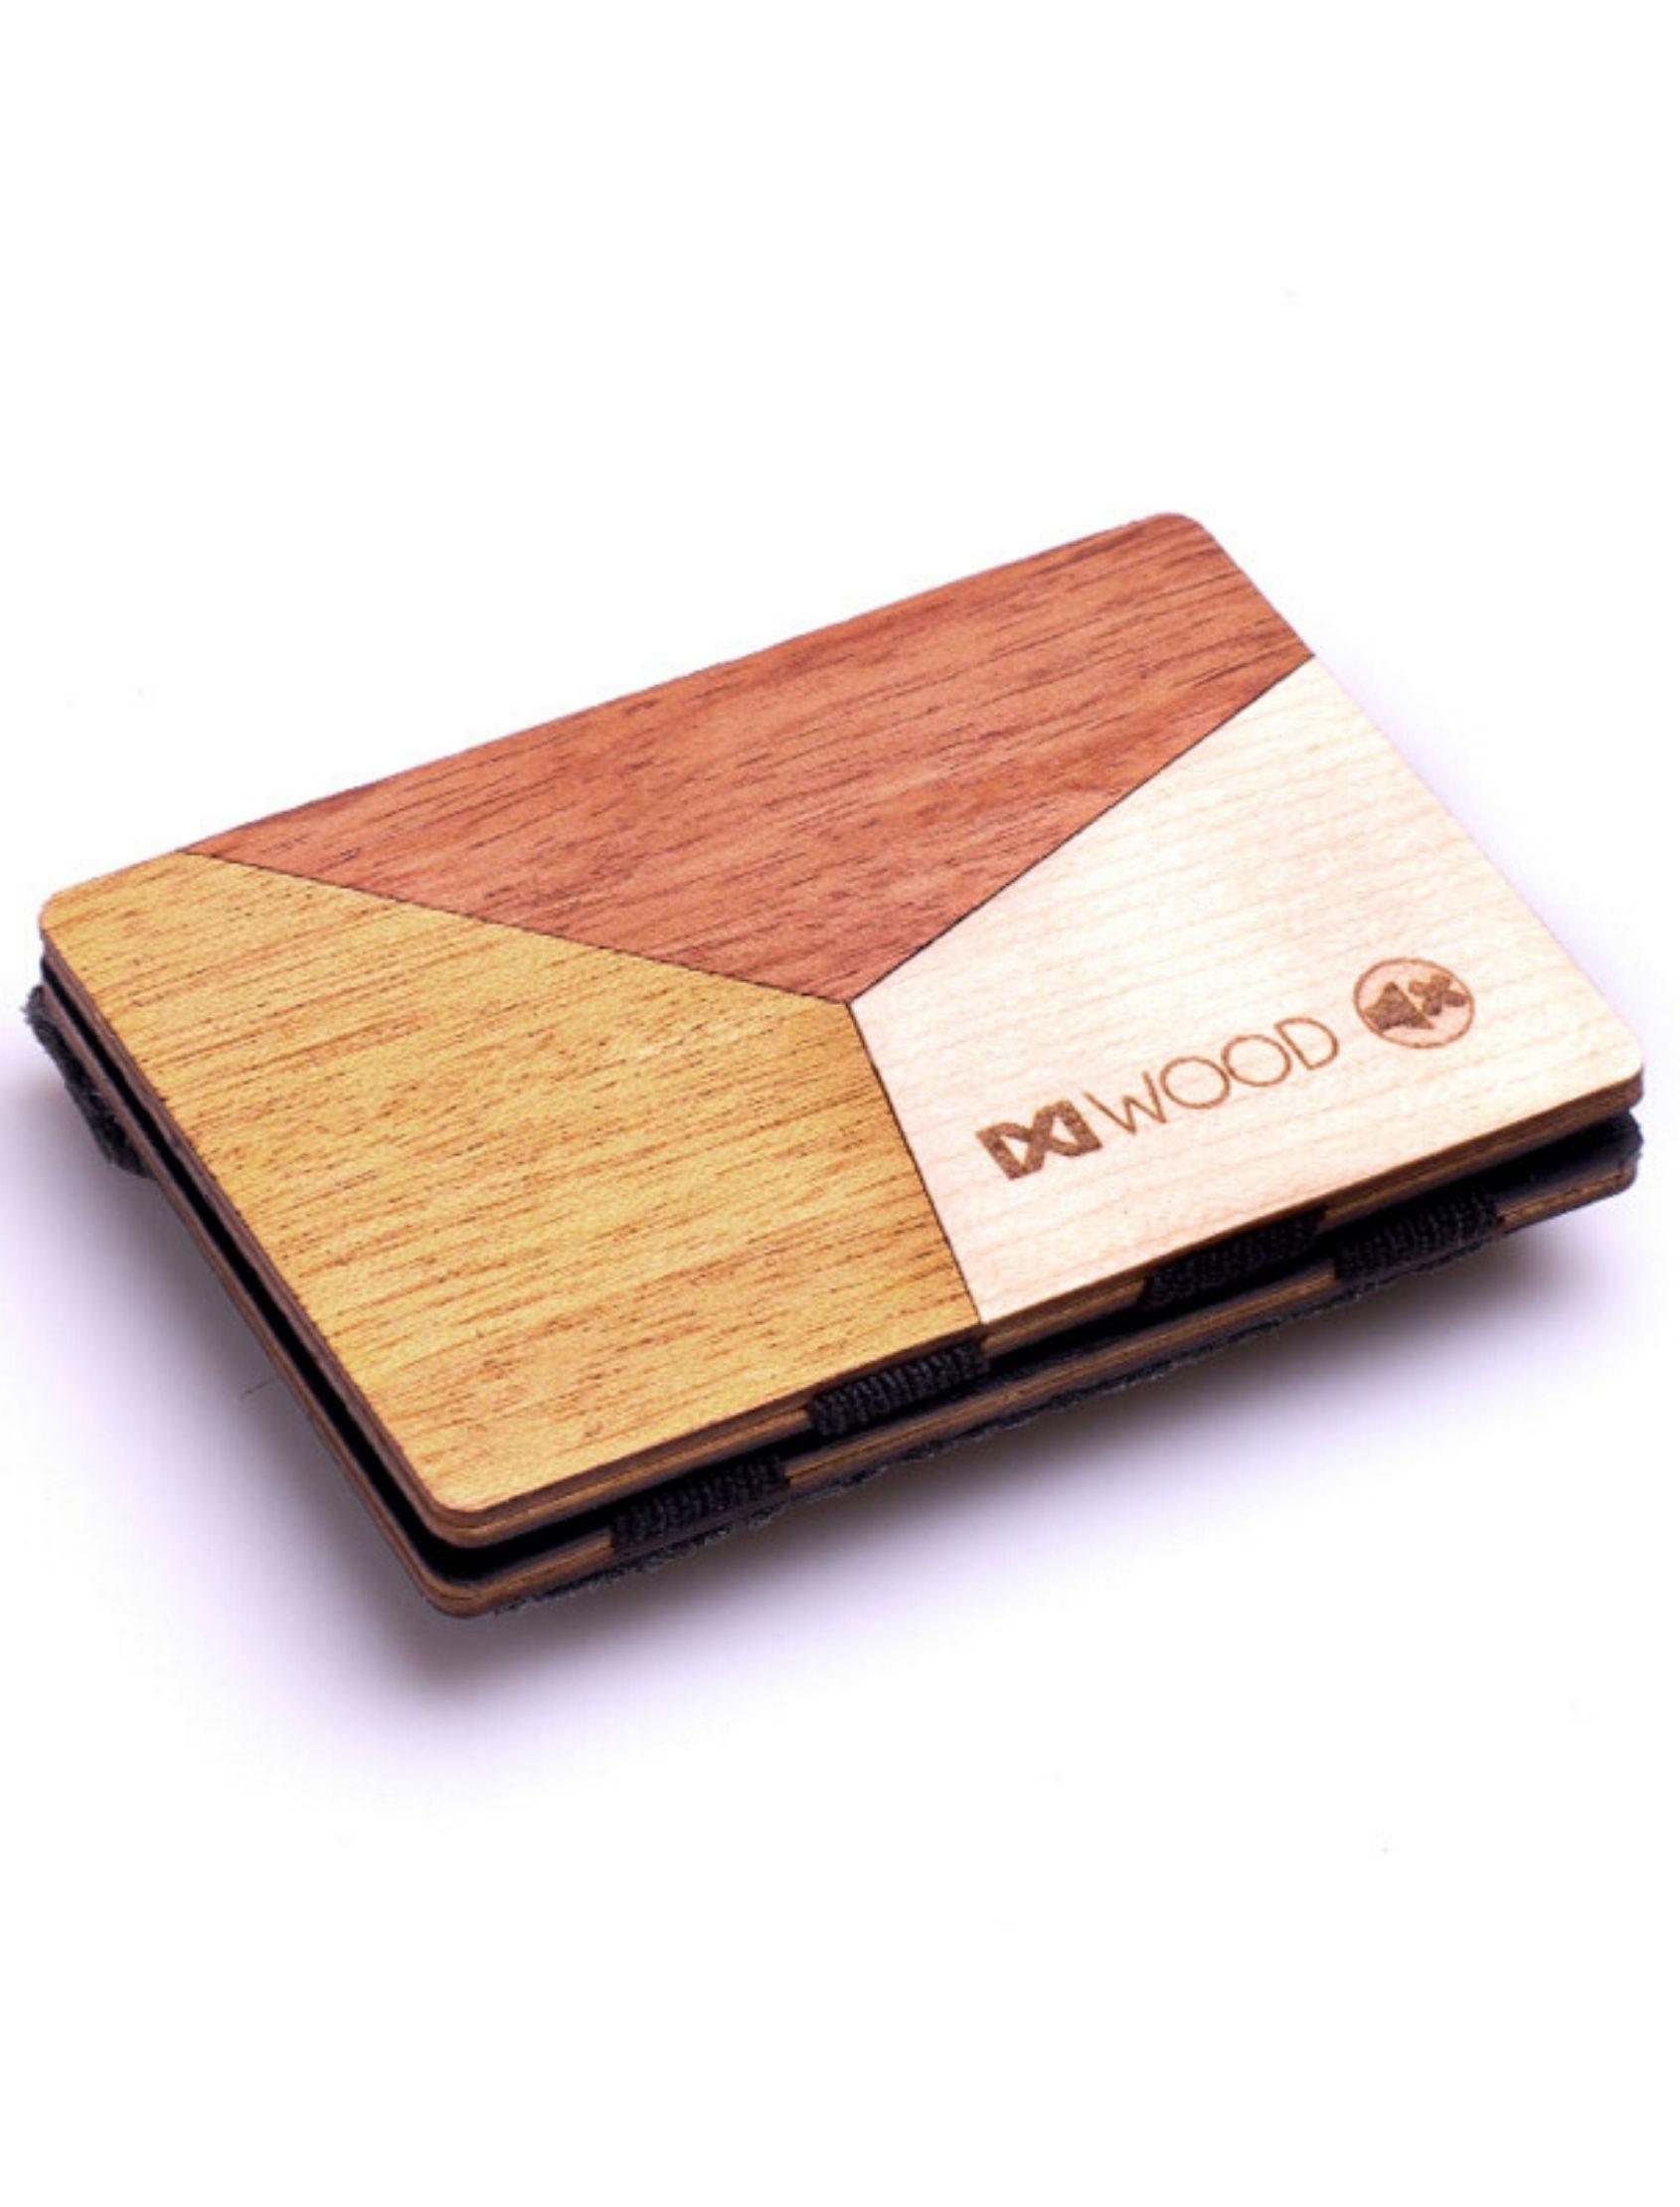 Cartera de madera con figuras geometricas en varios colores, con monedero de ixi wood